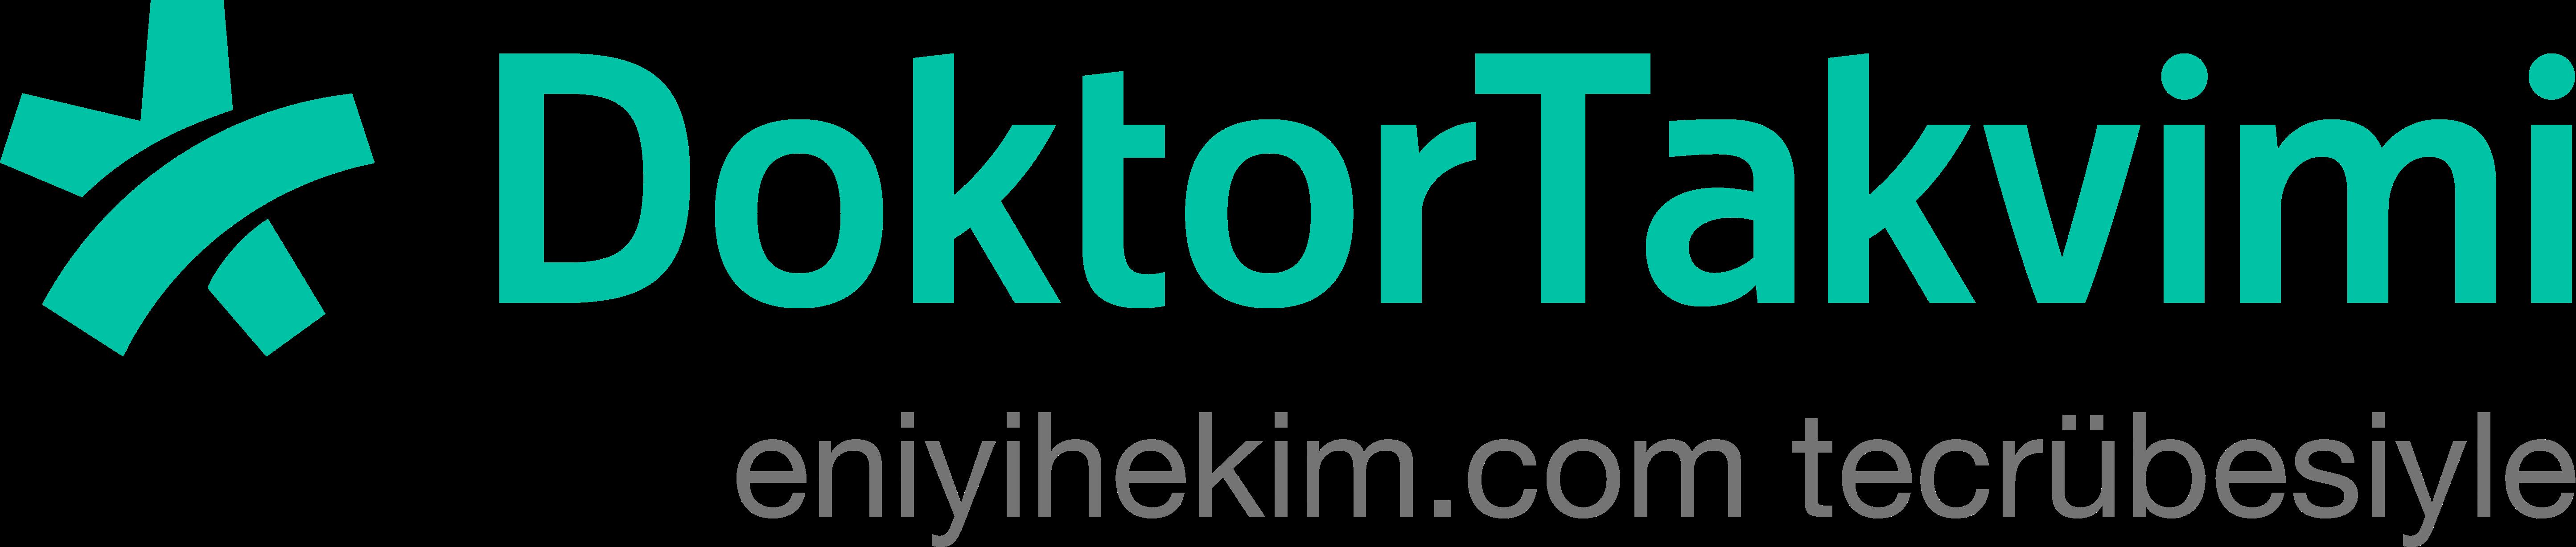 DoktorTakvimi Basın/Yayın Kanalı logo